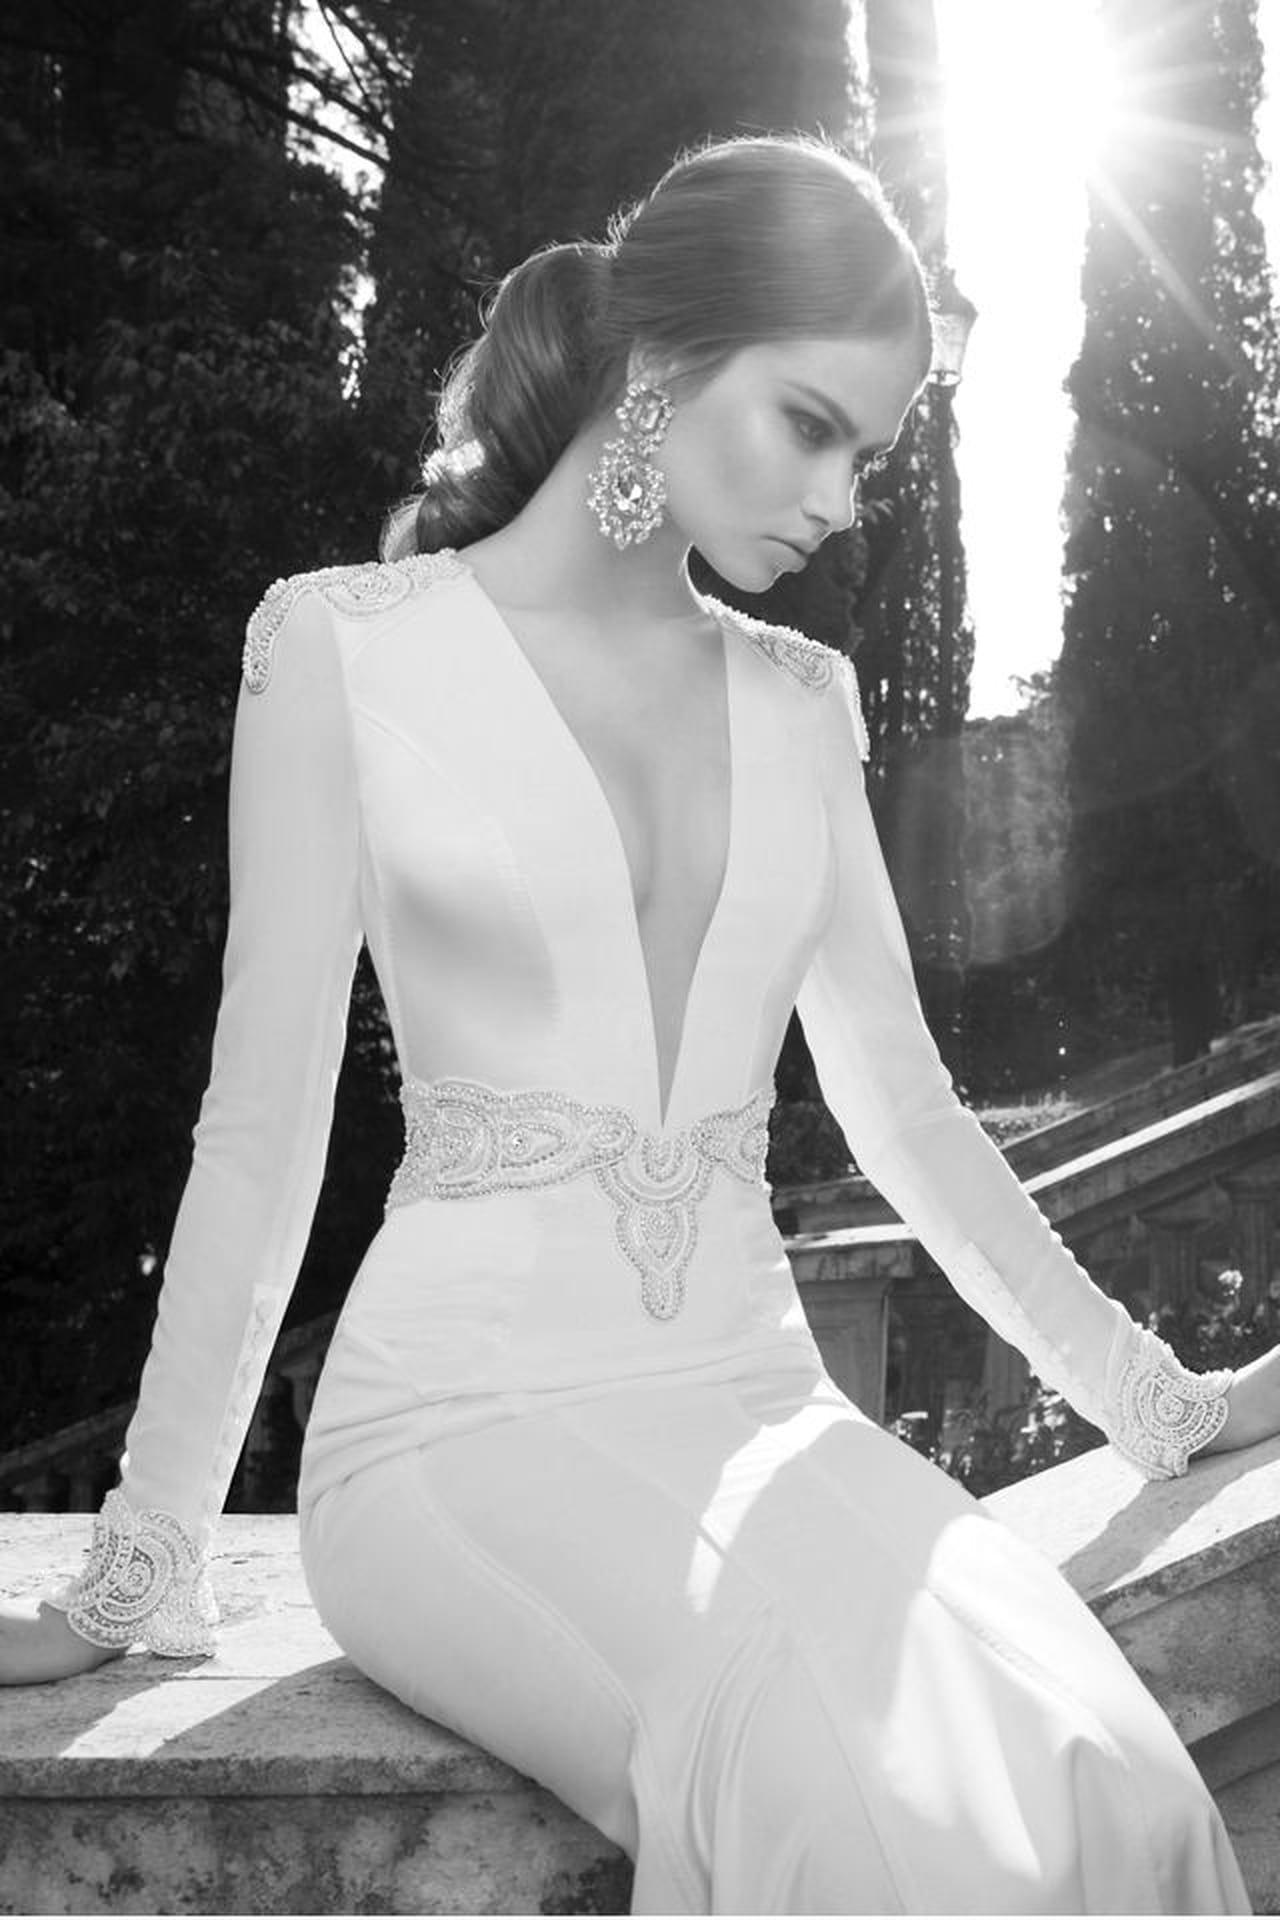 Super Matrimonio d'inverno: gli abiti da sposa KV66